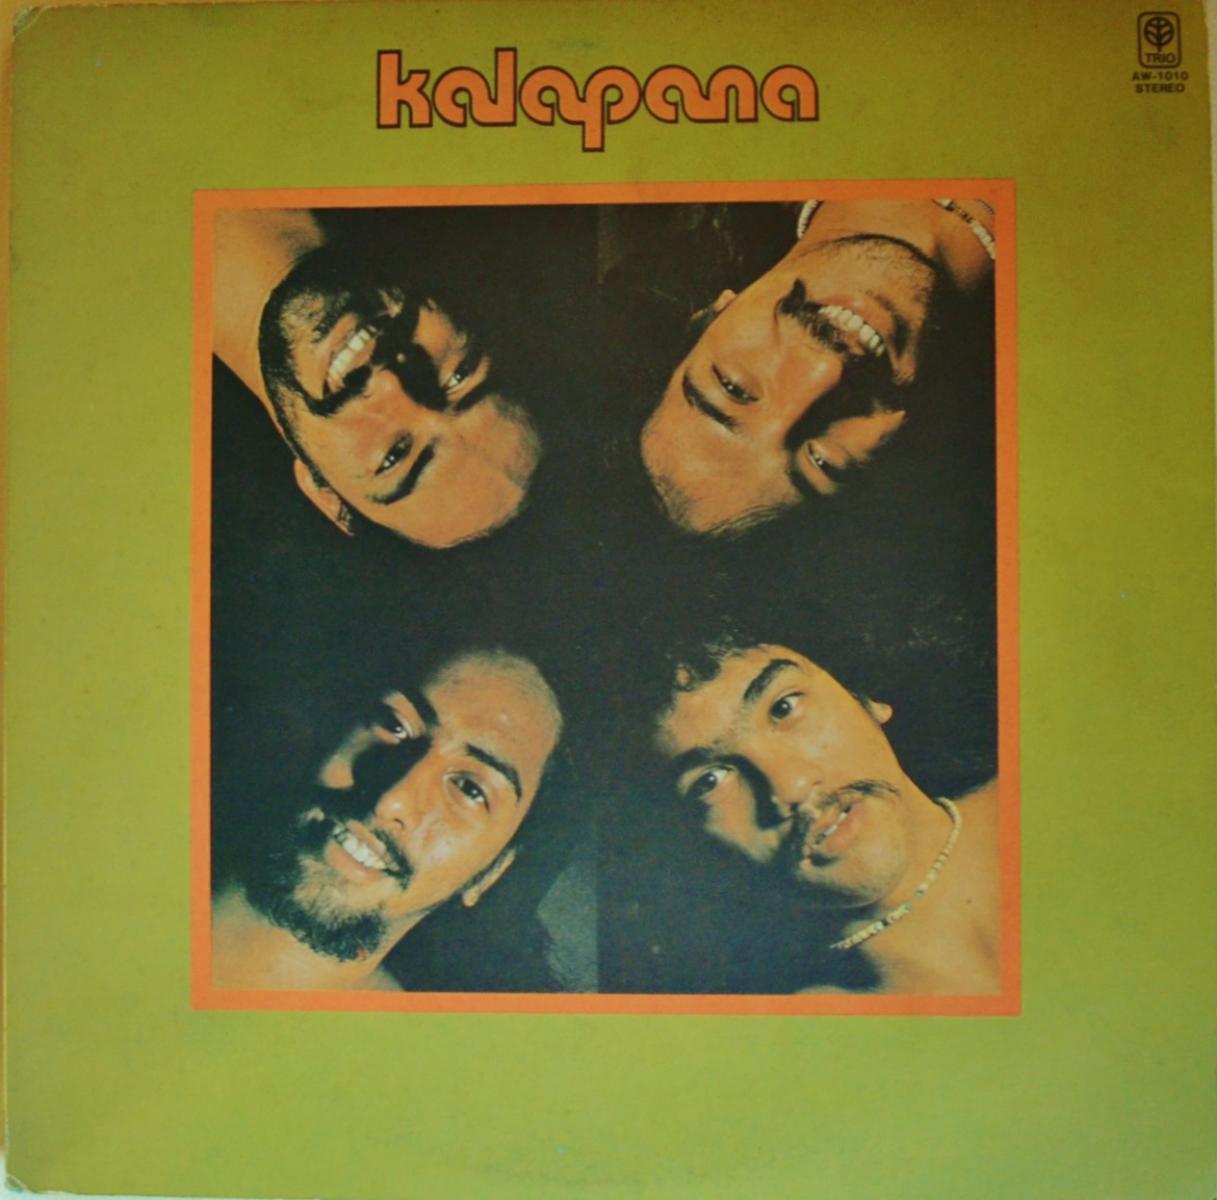 カラパナ KALAPANA / ワイキキの青い空  (LP)